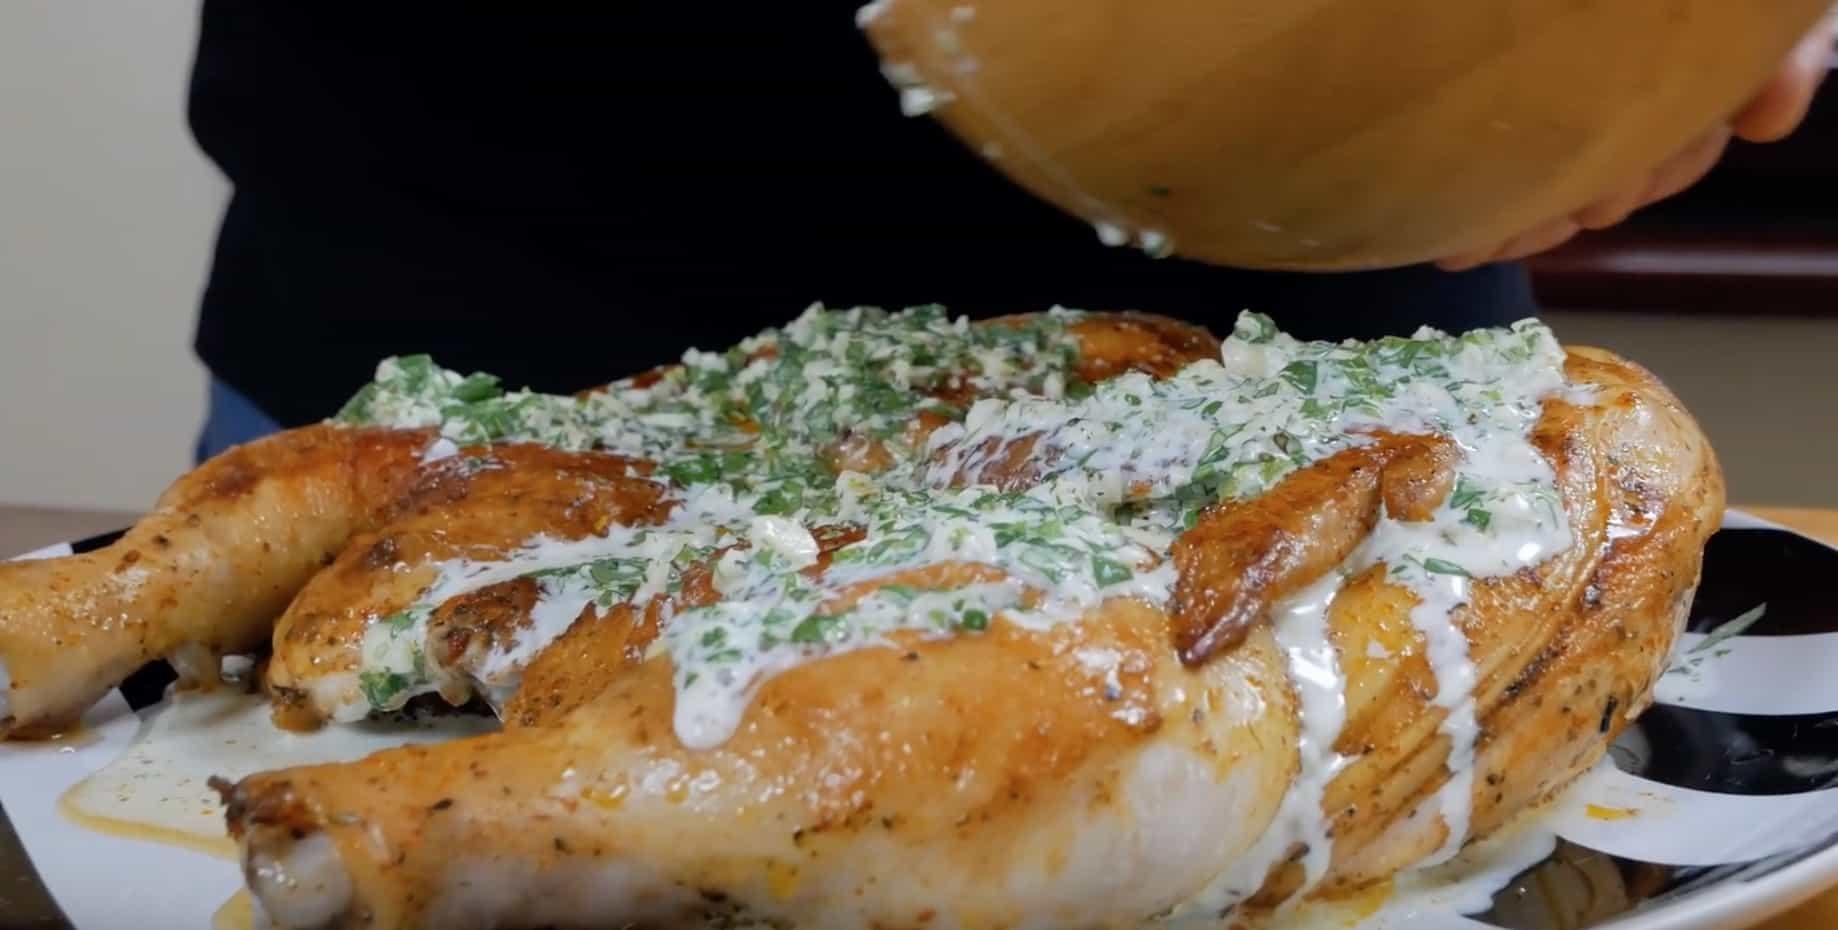 Когда цыпленок готов, заливаем его нашим соусом и даем постоять минут 5-7, чтобы ароматы разошлись 2